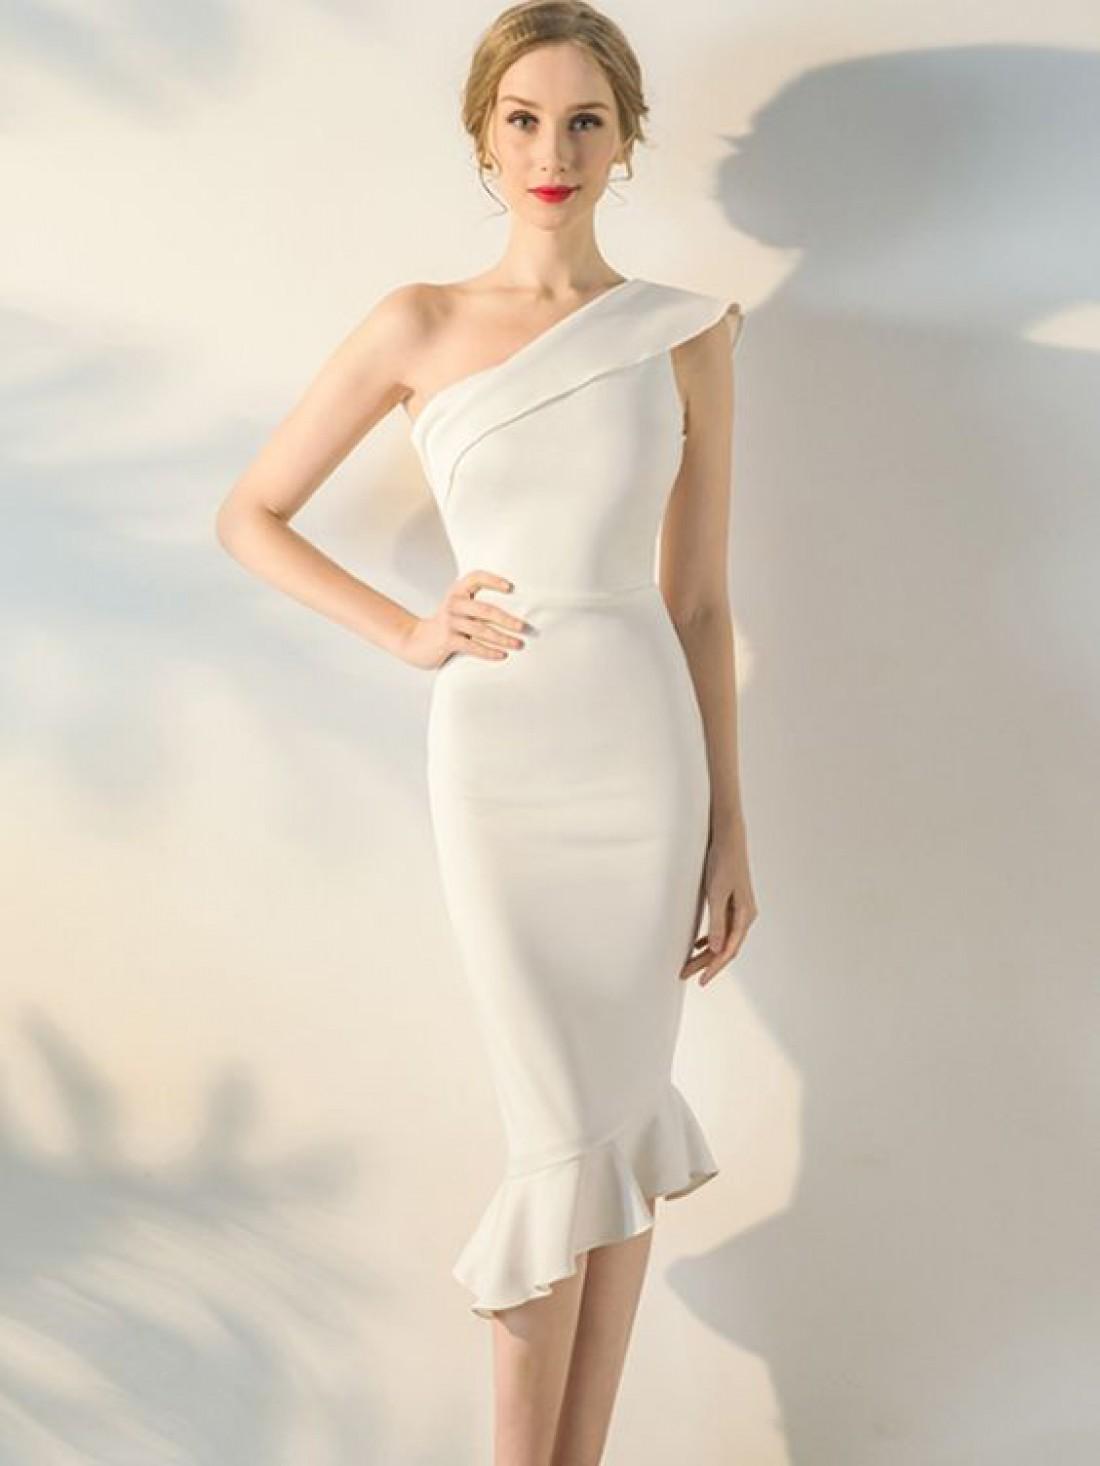 Модные тренды: Свадебные платья 2019 года